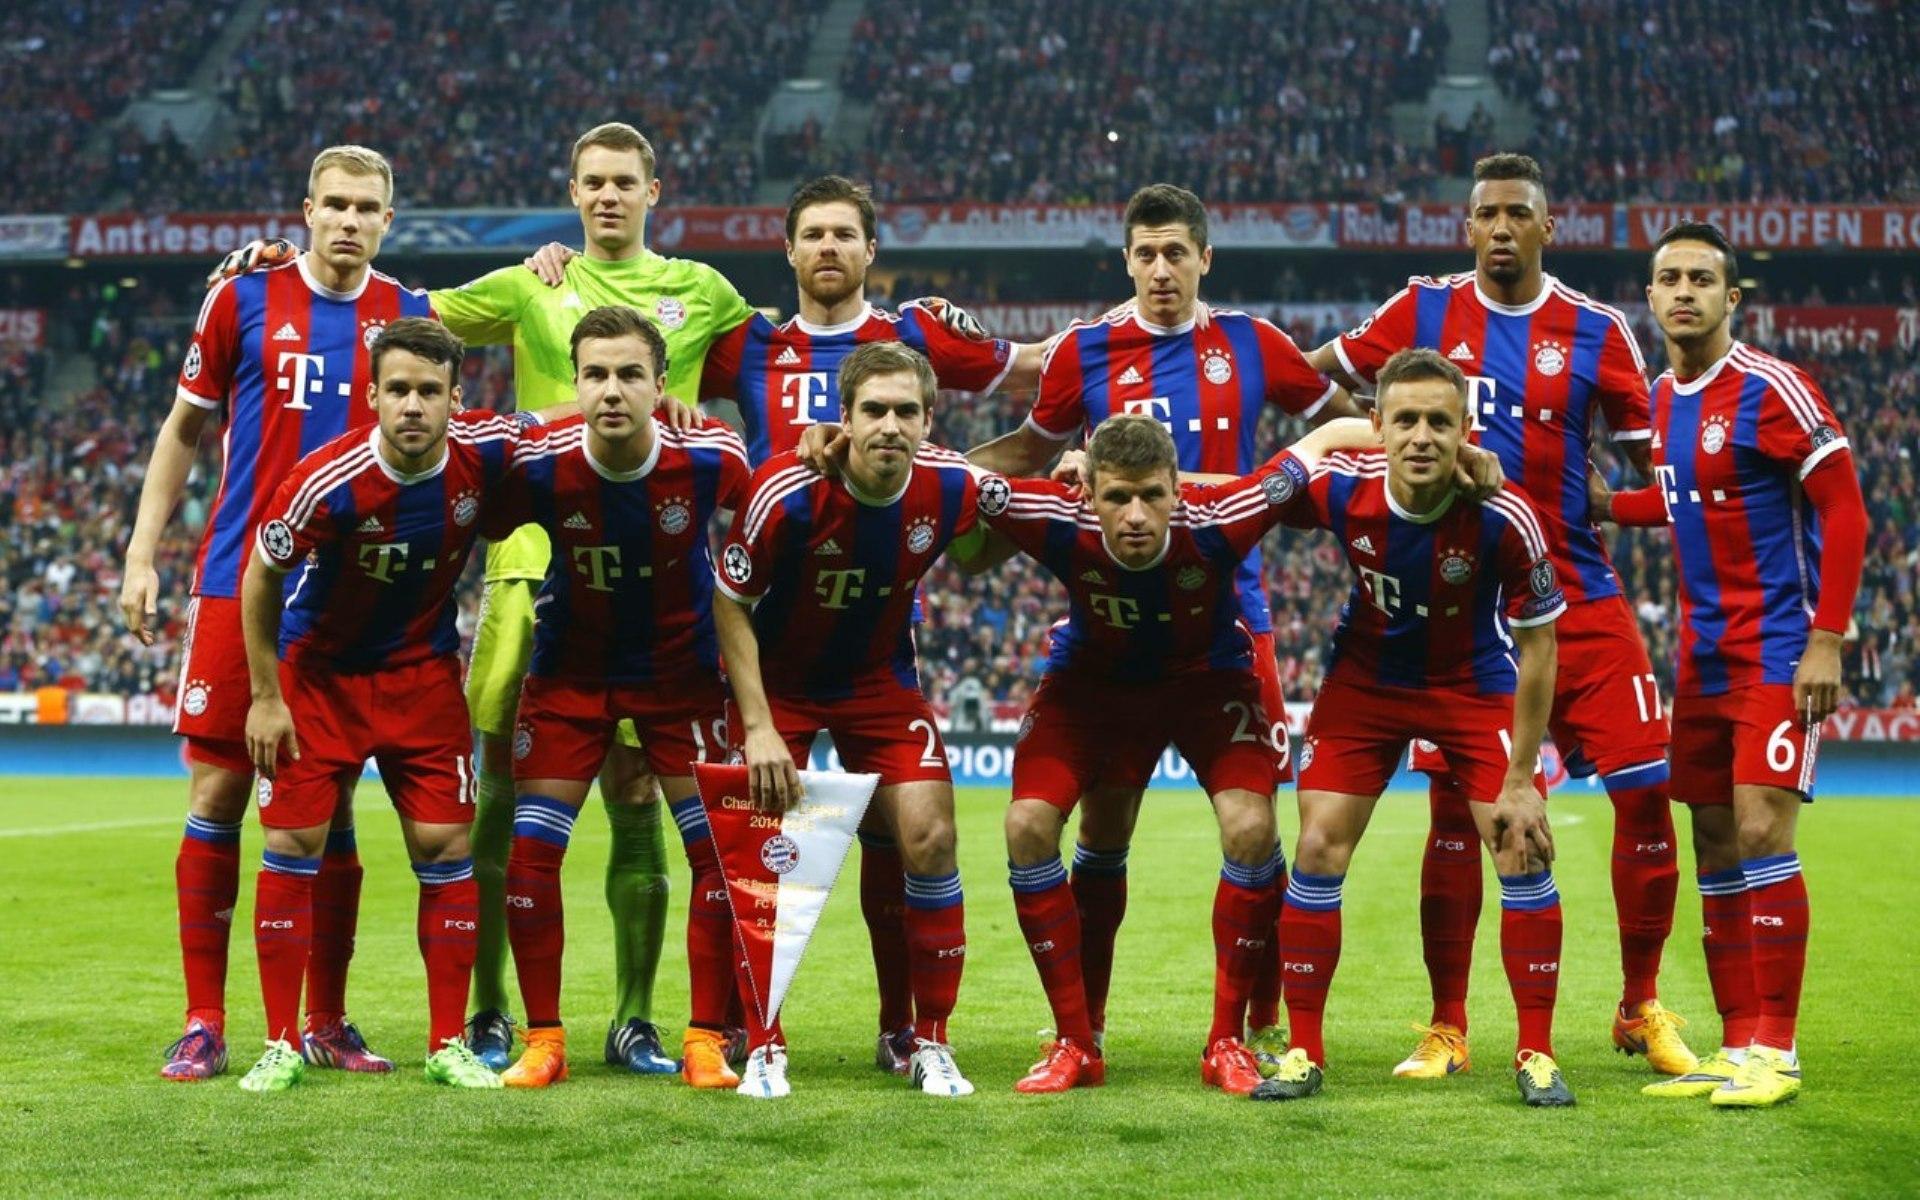 Лига чемпионов картинки